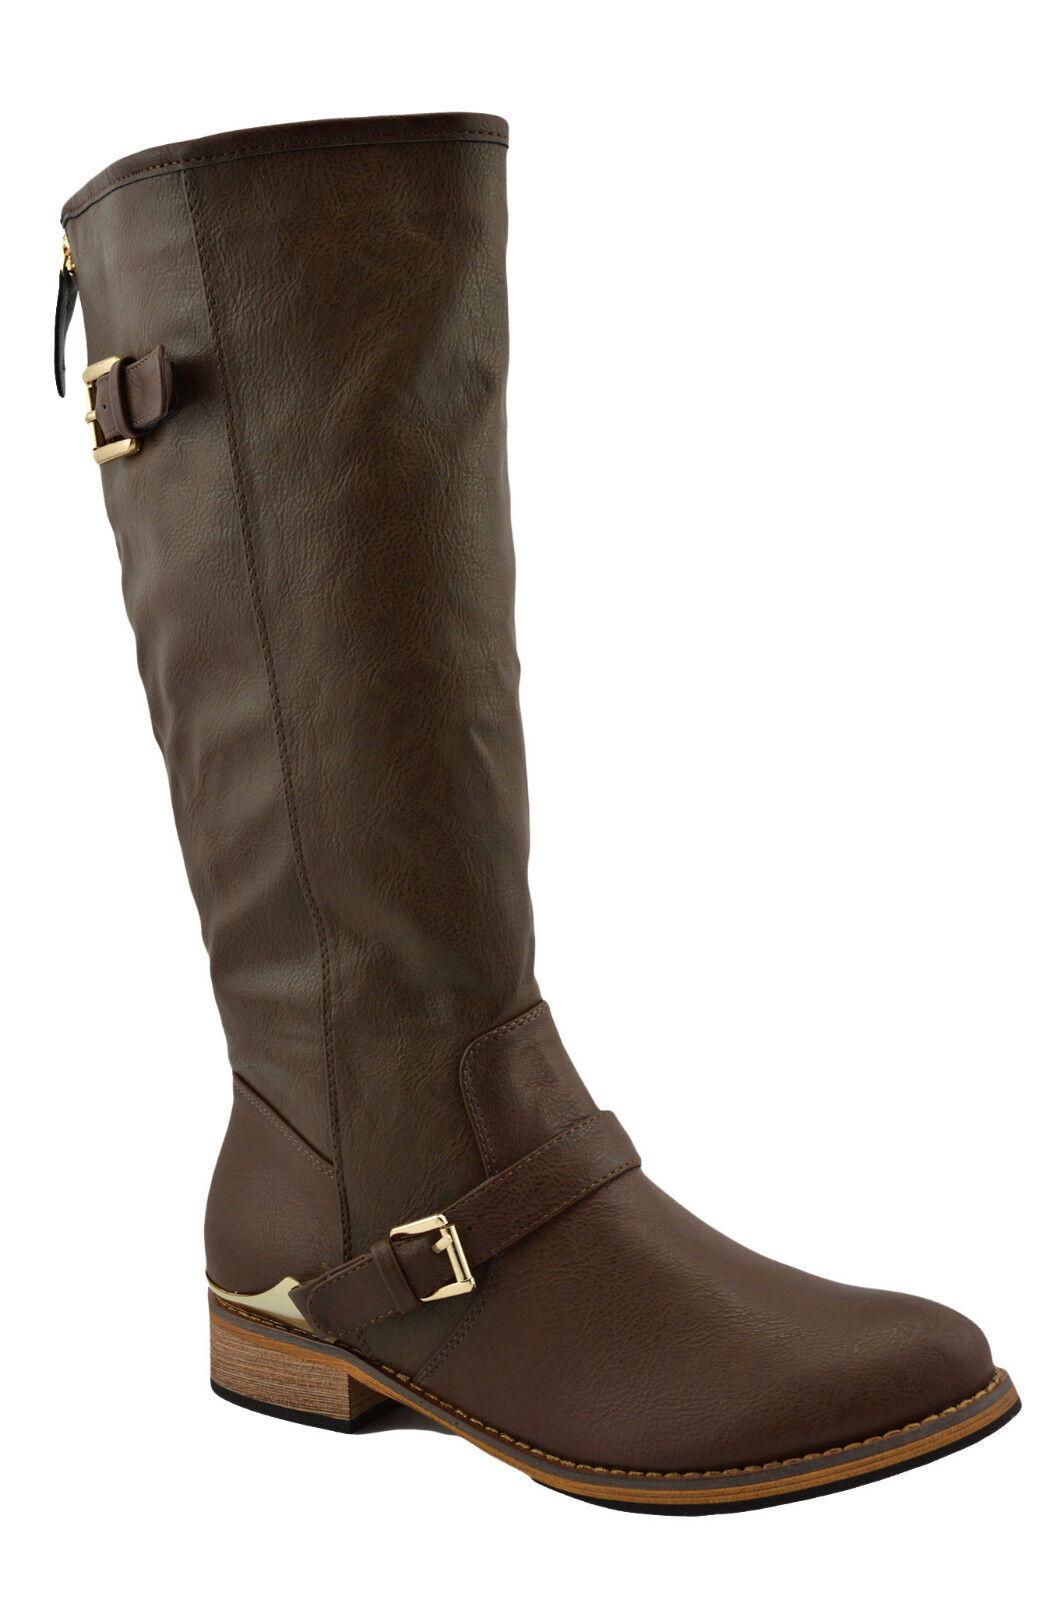 150 Marrón De Moda De Mujer Mujer Mujer Zapatos botas De Montar Rodilla Alta Nueva Colección  tienda de pescado para la venta